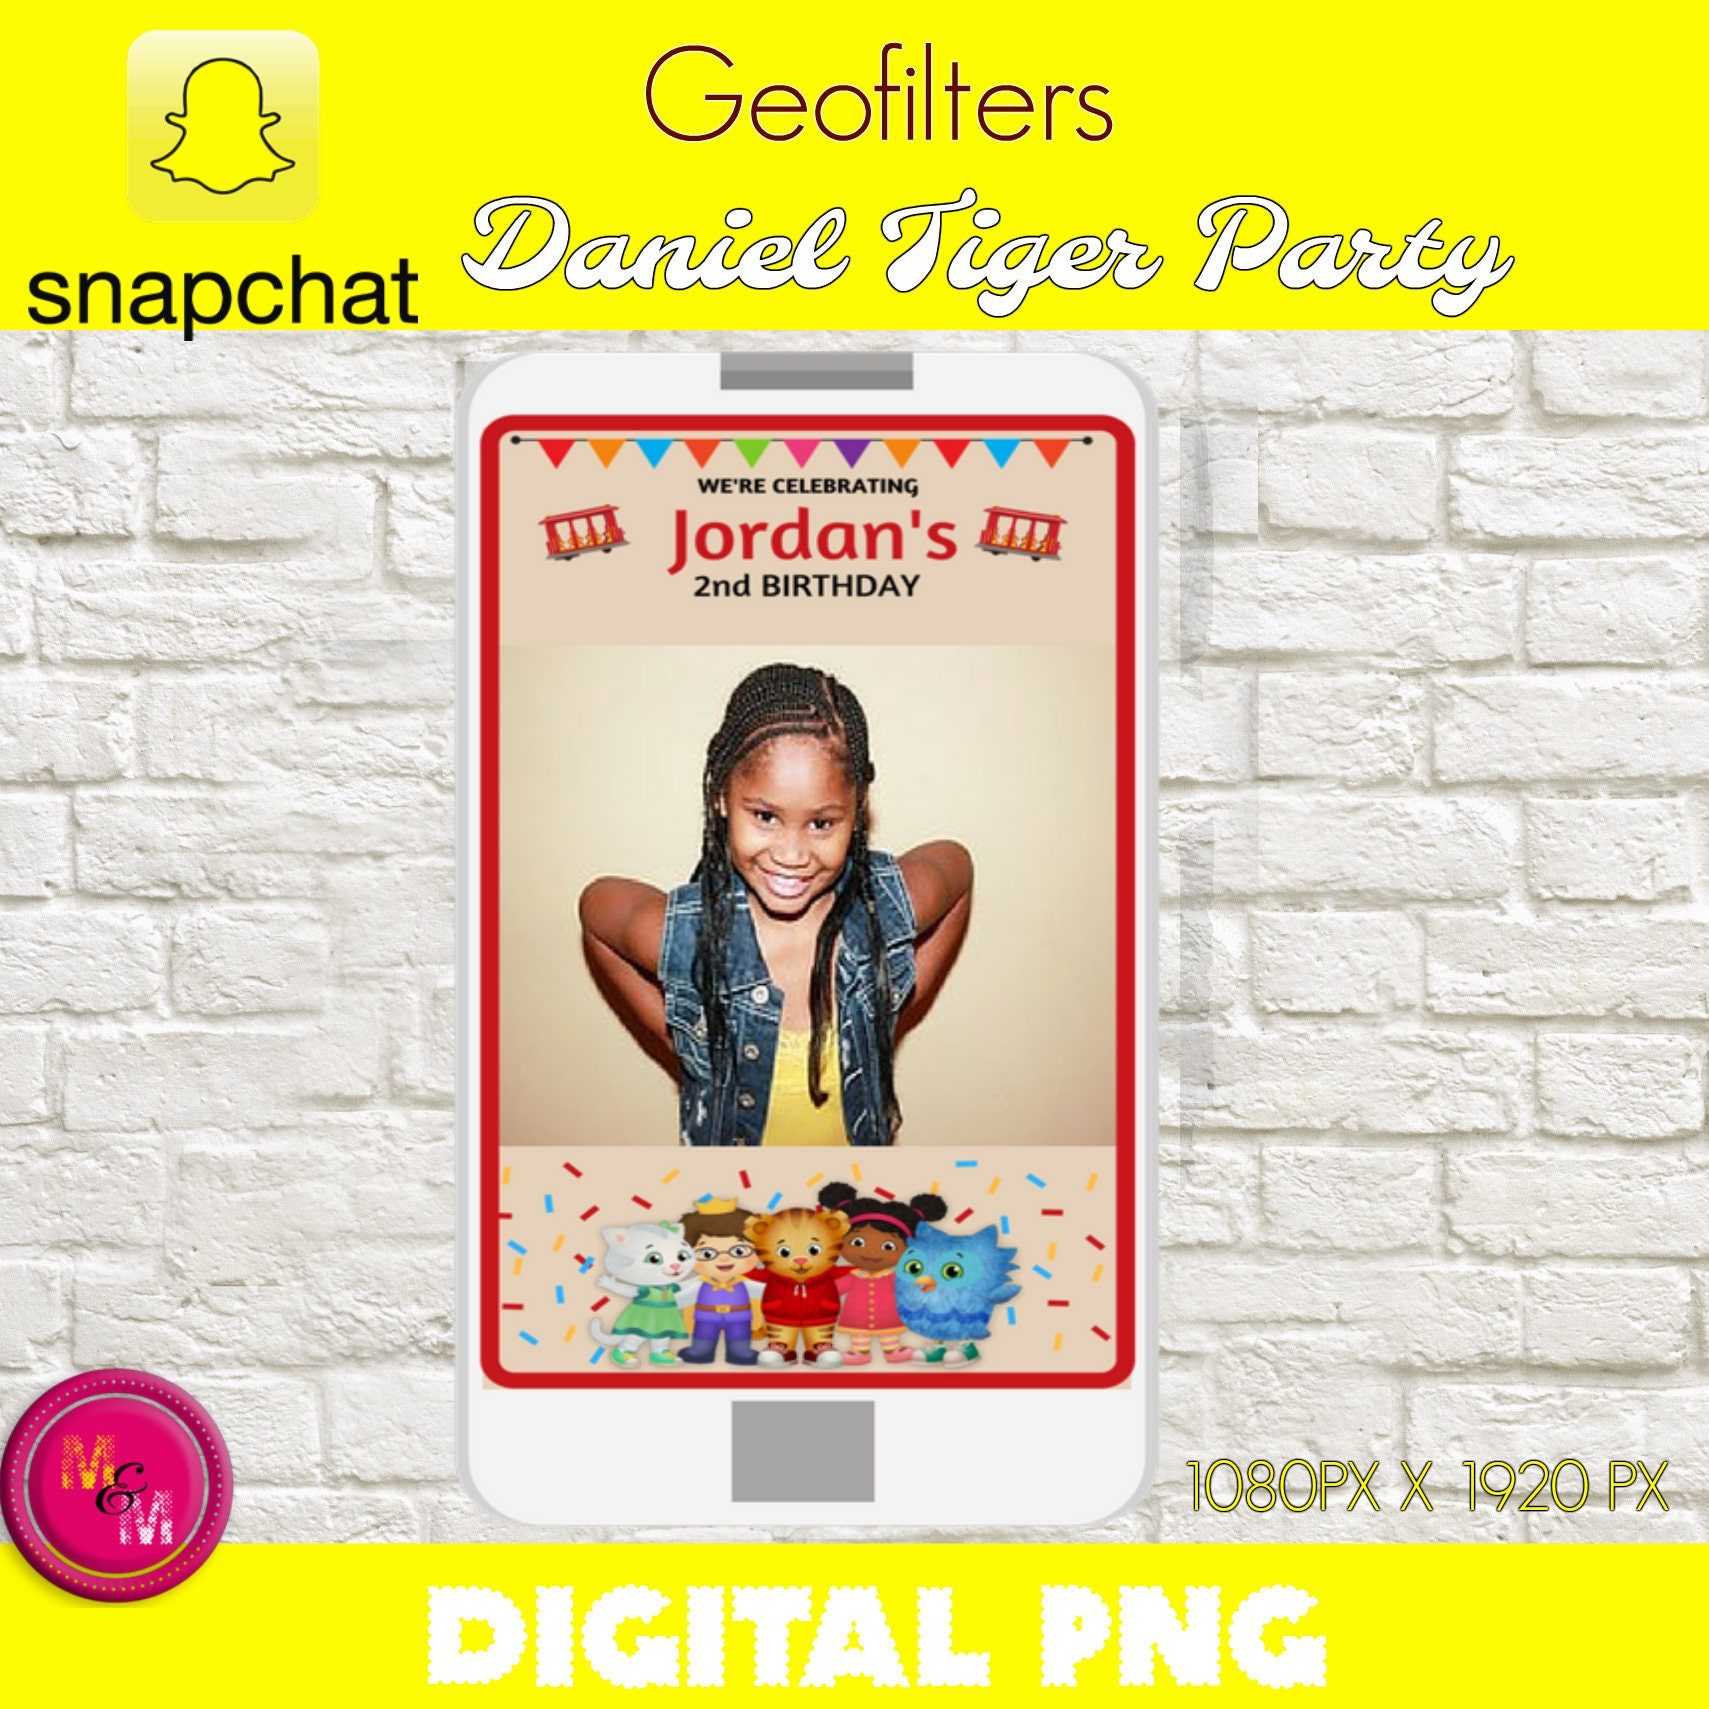 Snapchat Geofilter Daniel Tiger Birthday Party Snapchat | Etsy